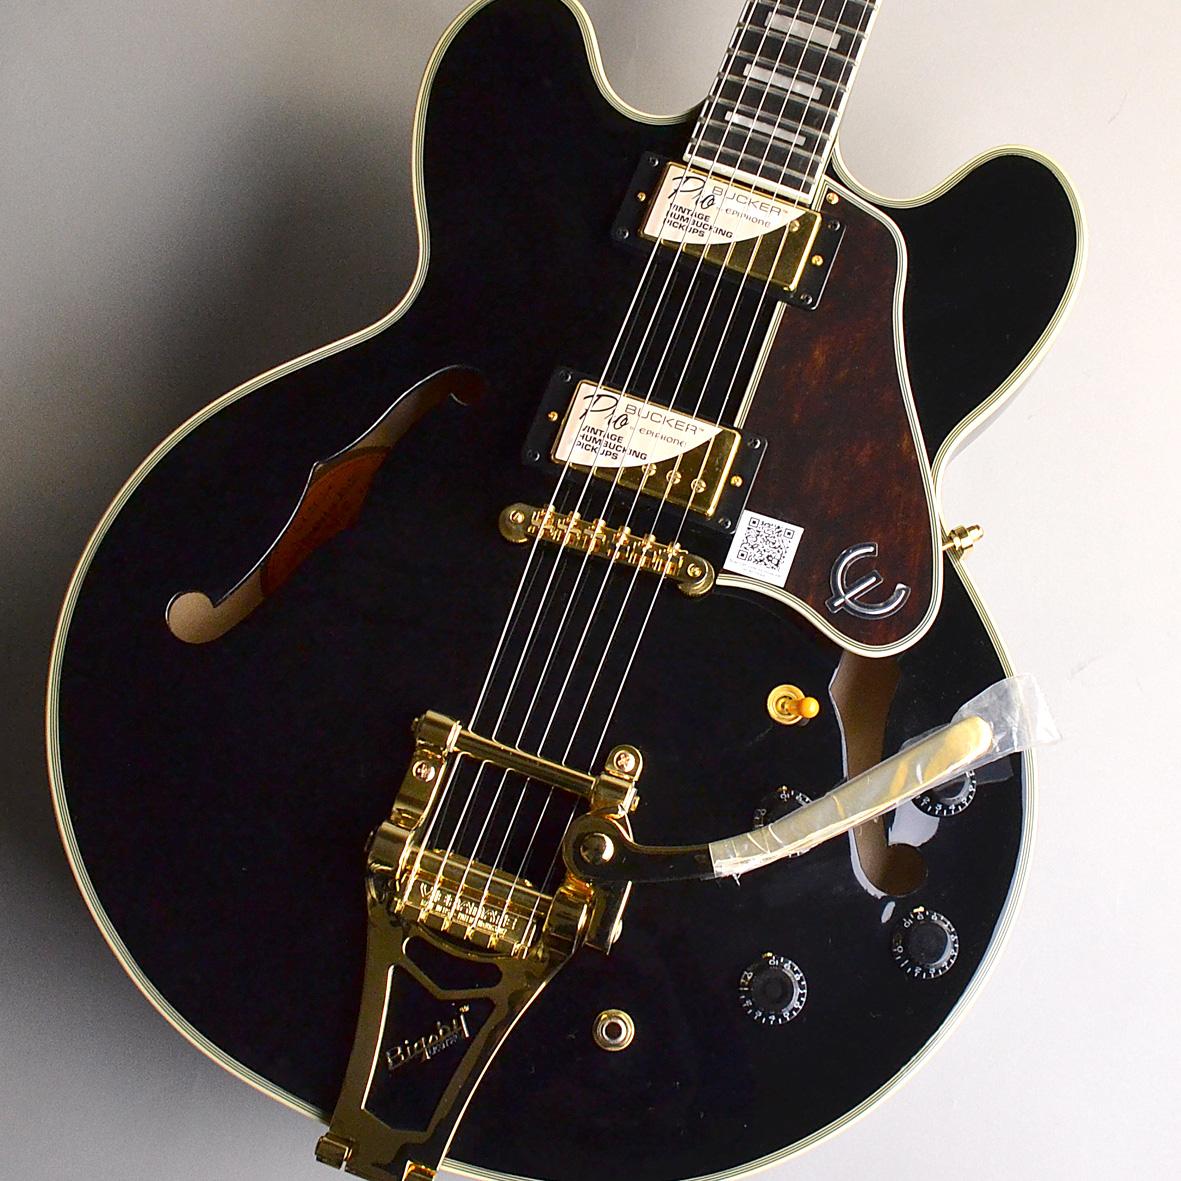 Limited Edition Joe Bonamassa ES-355